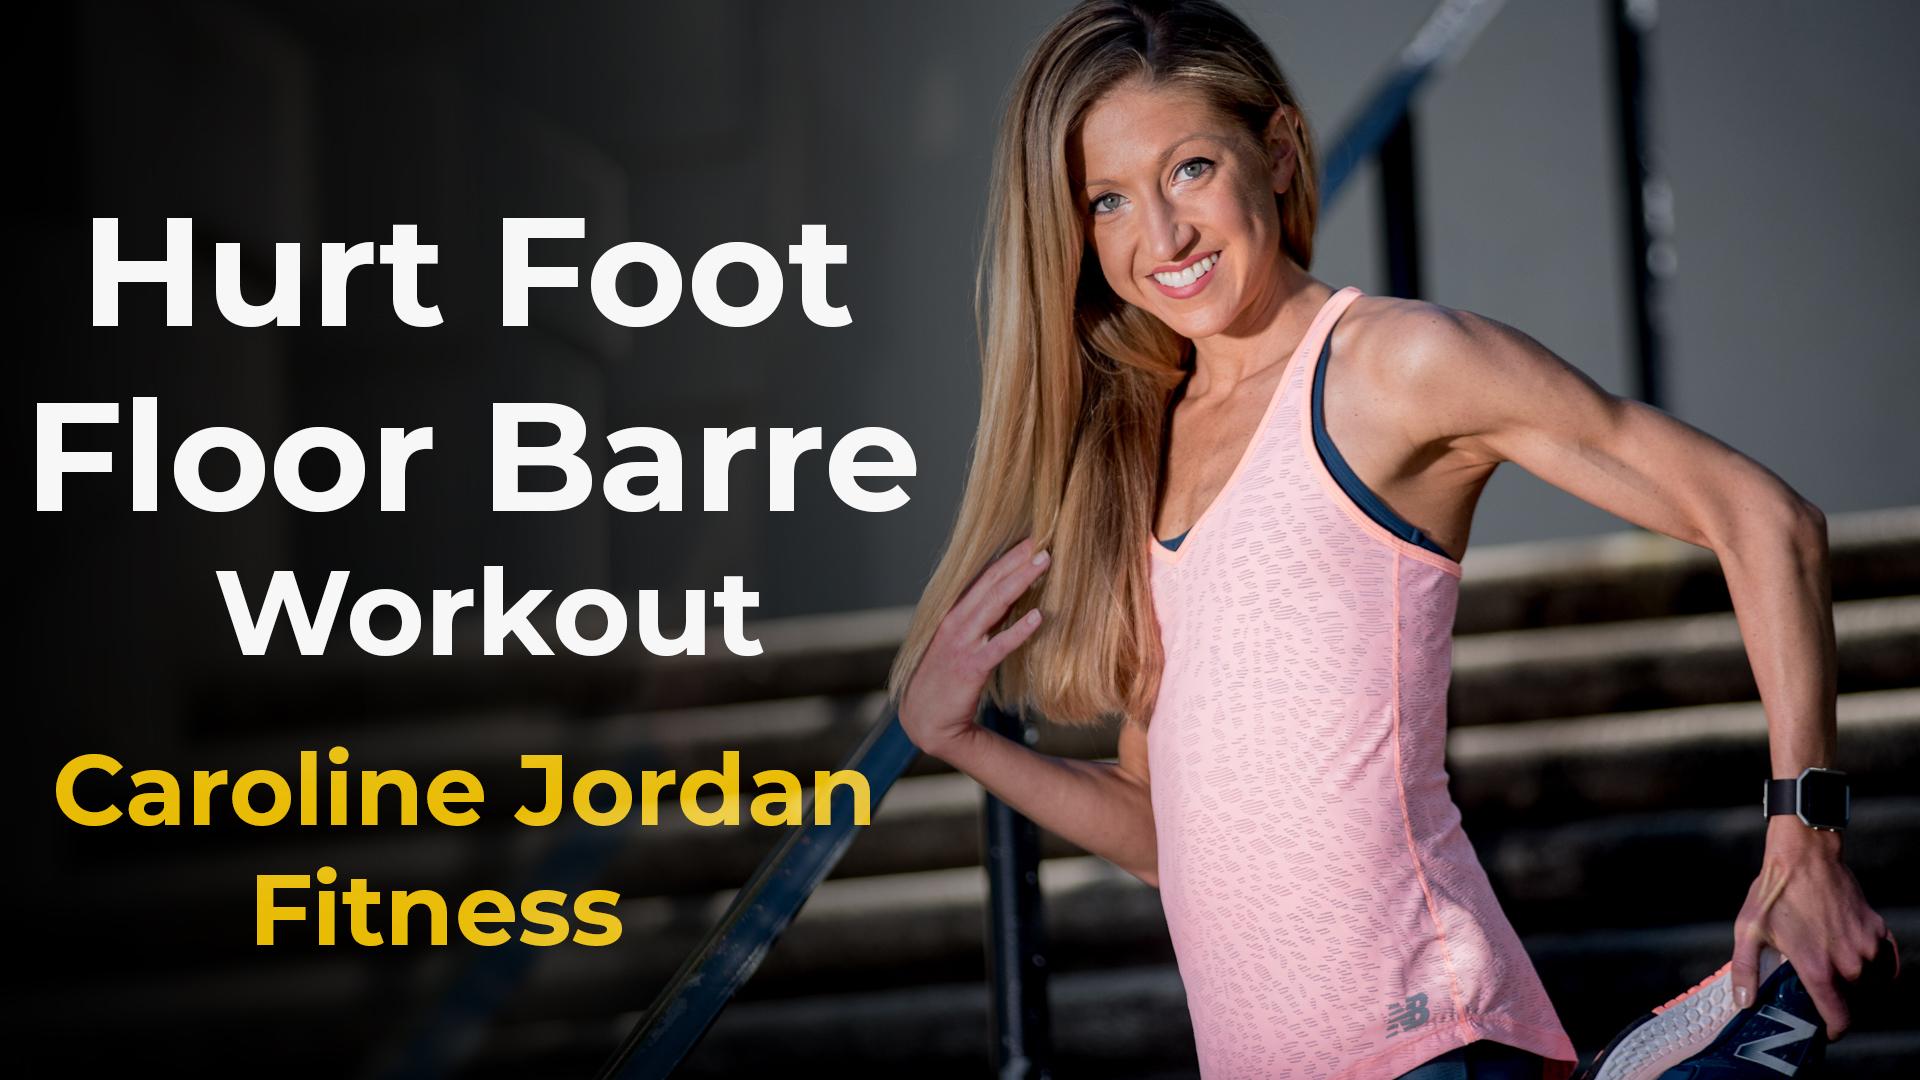 hurt foot floor barre workout